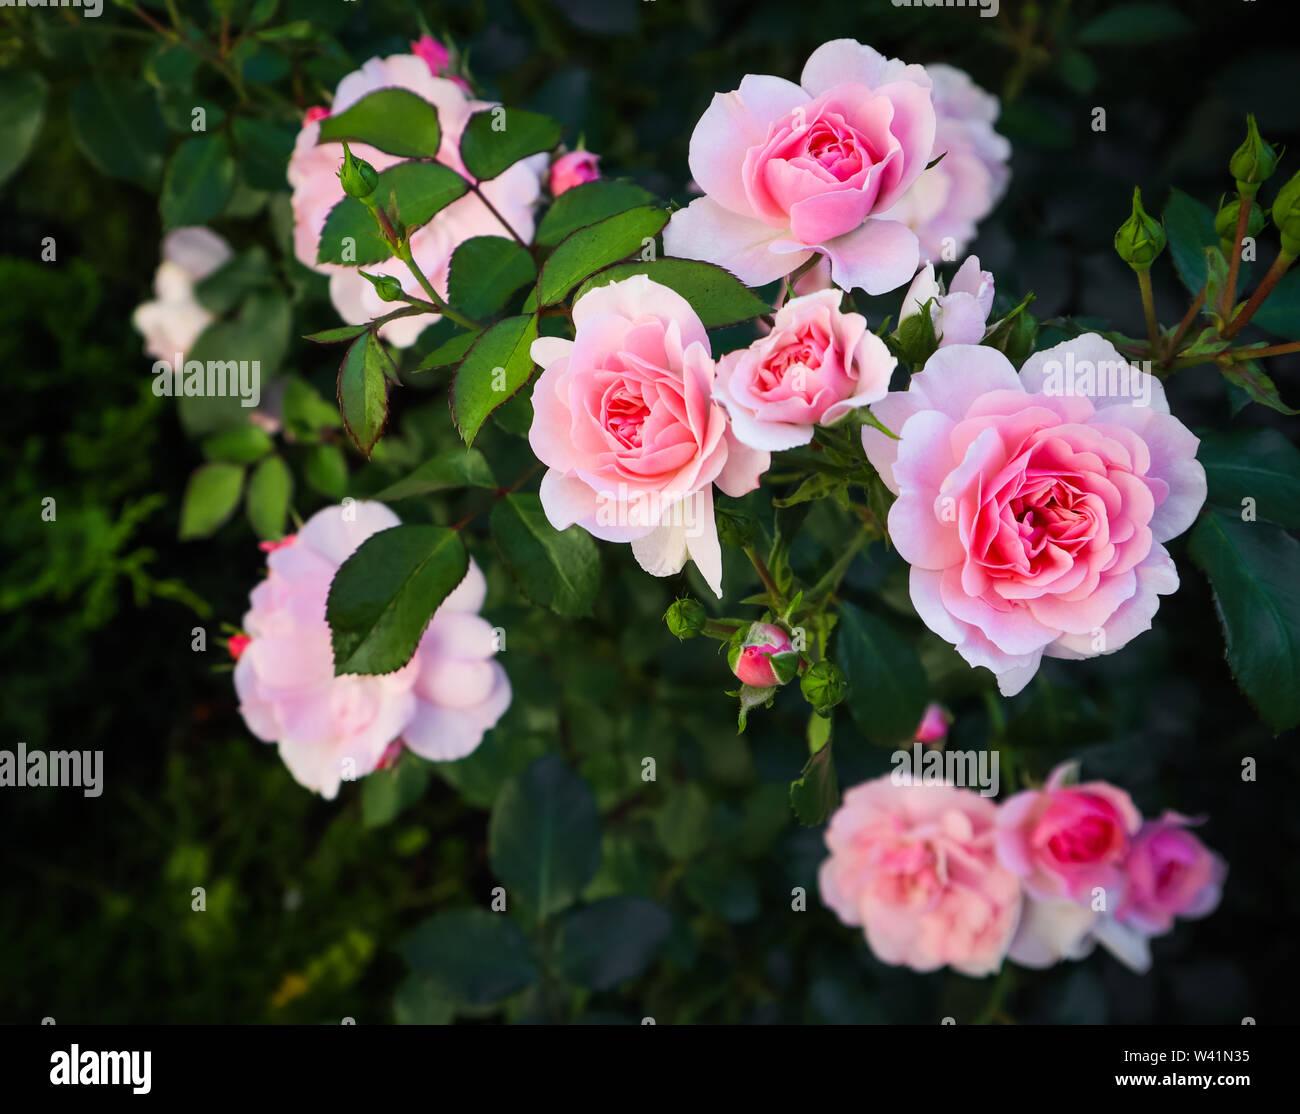 Bonica hermosas rosas rosas en el jardín. Perfecta para fondo de tarjetas  de felicitación para cumpleaños, el Día de San Valentín y el día de la  madre Fotografía de stock - Alamy